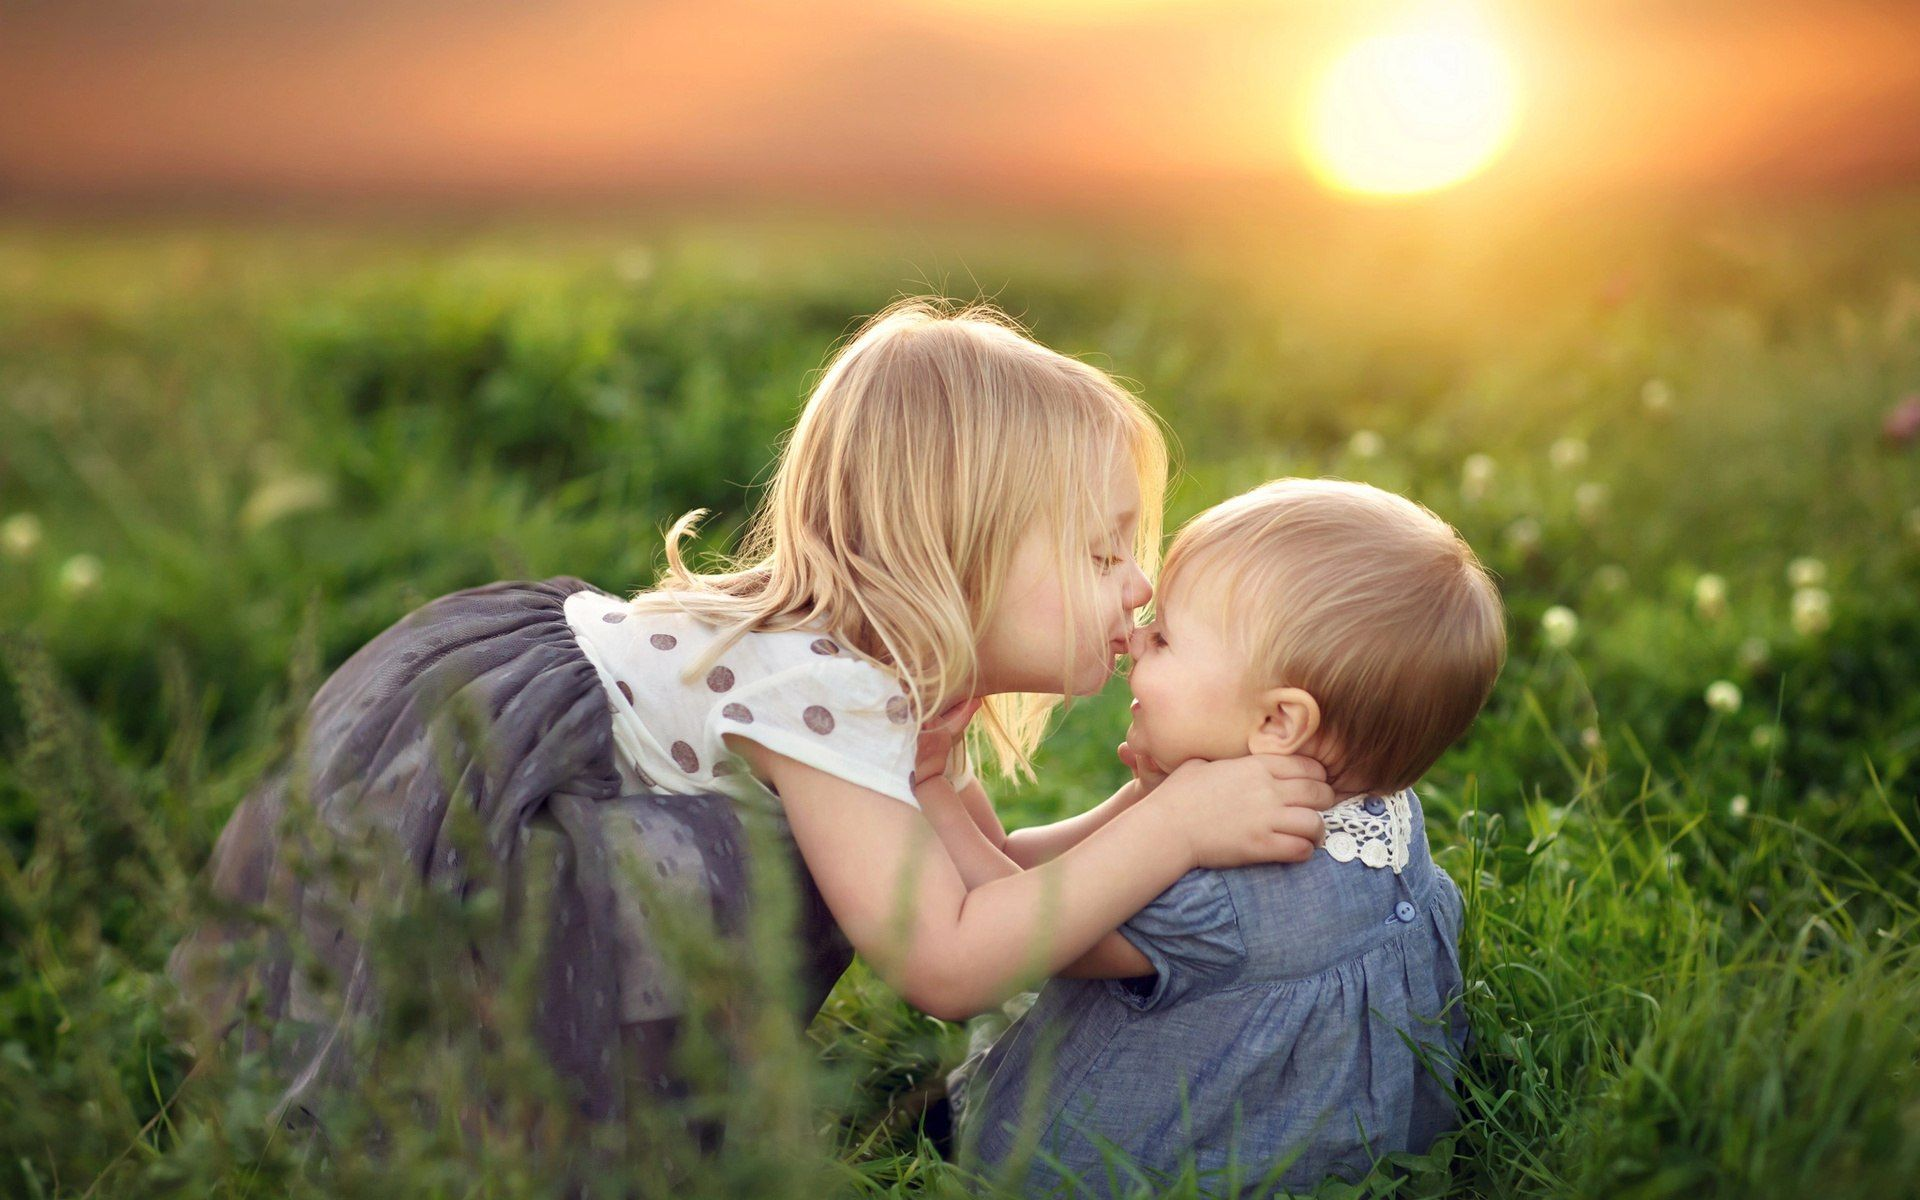 счастье в детях фото обычная